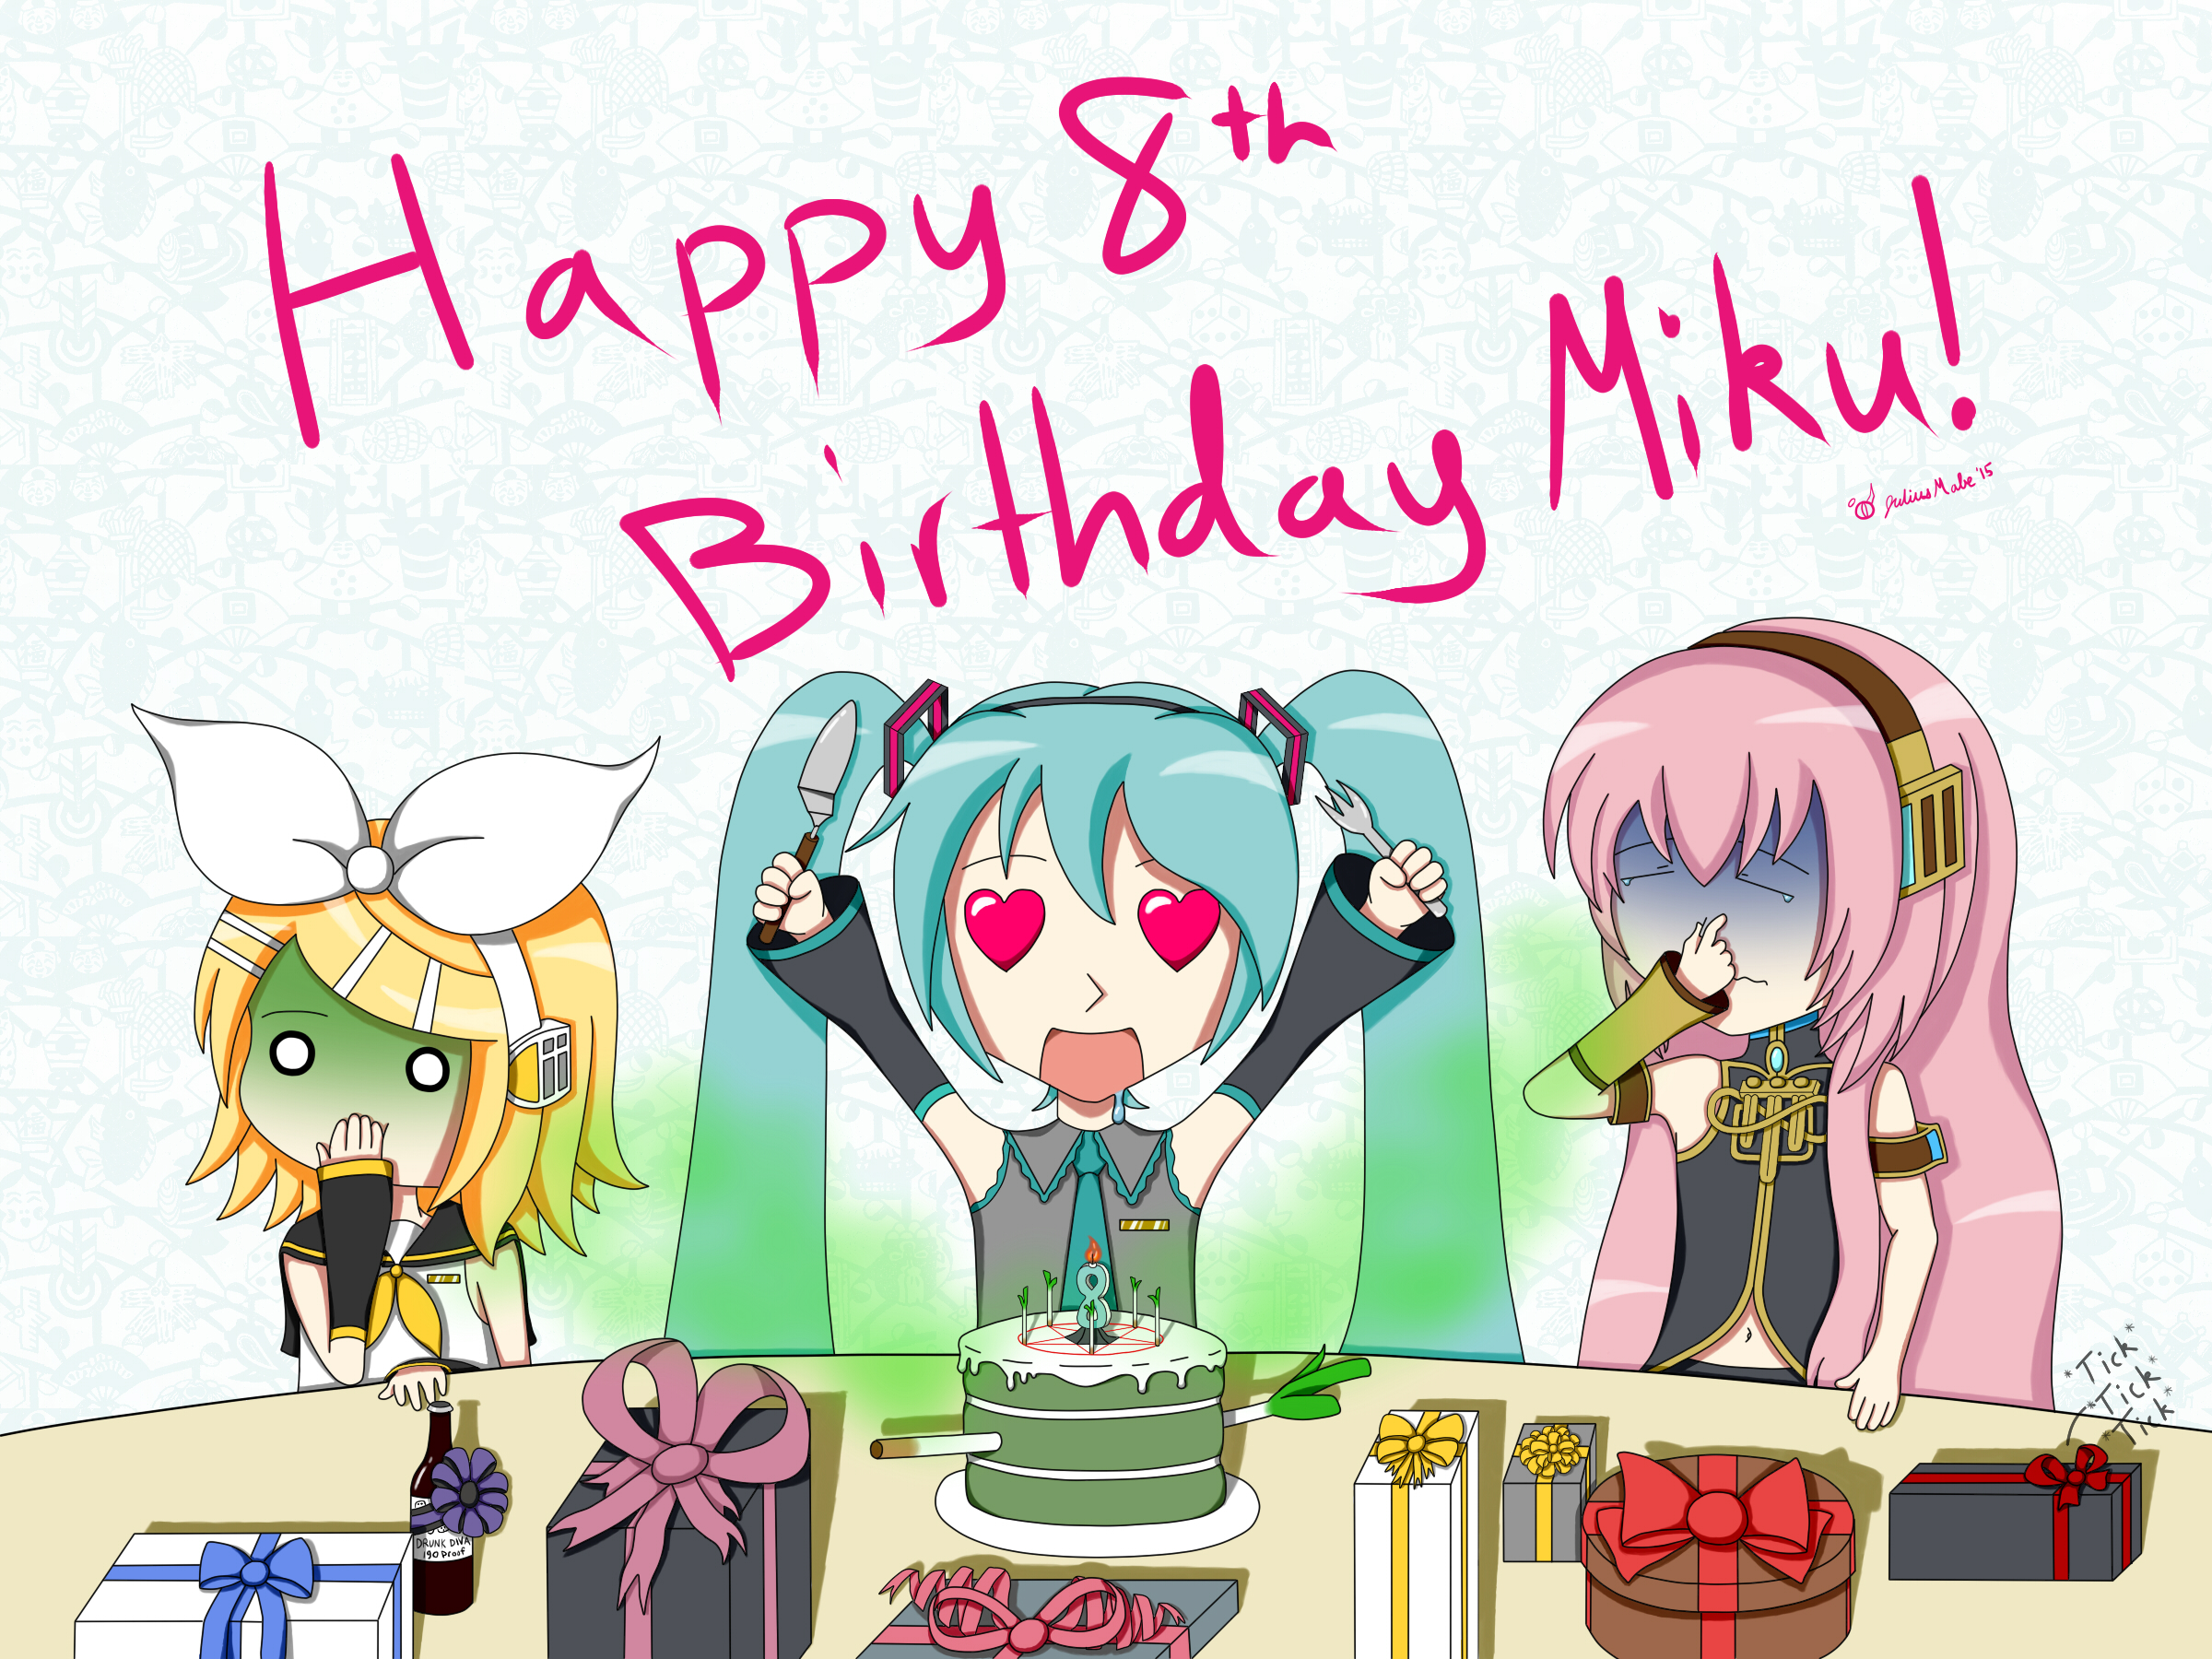 Miku 2015 Birthday